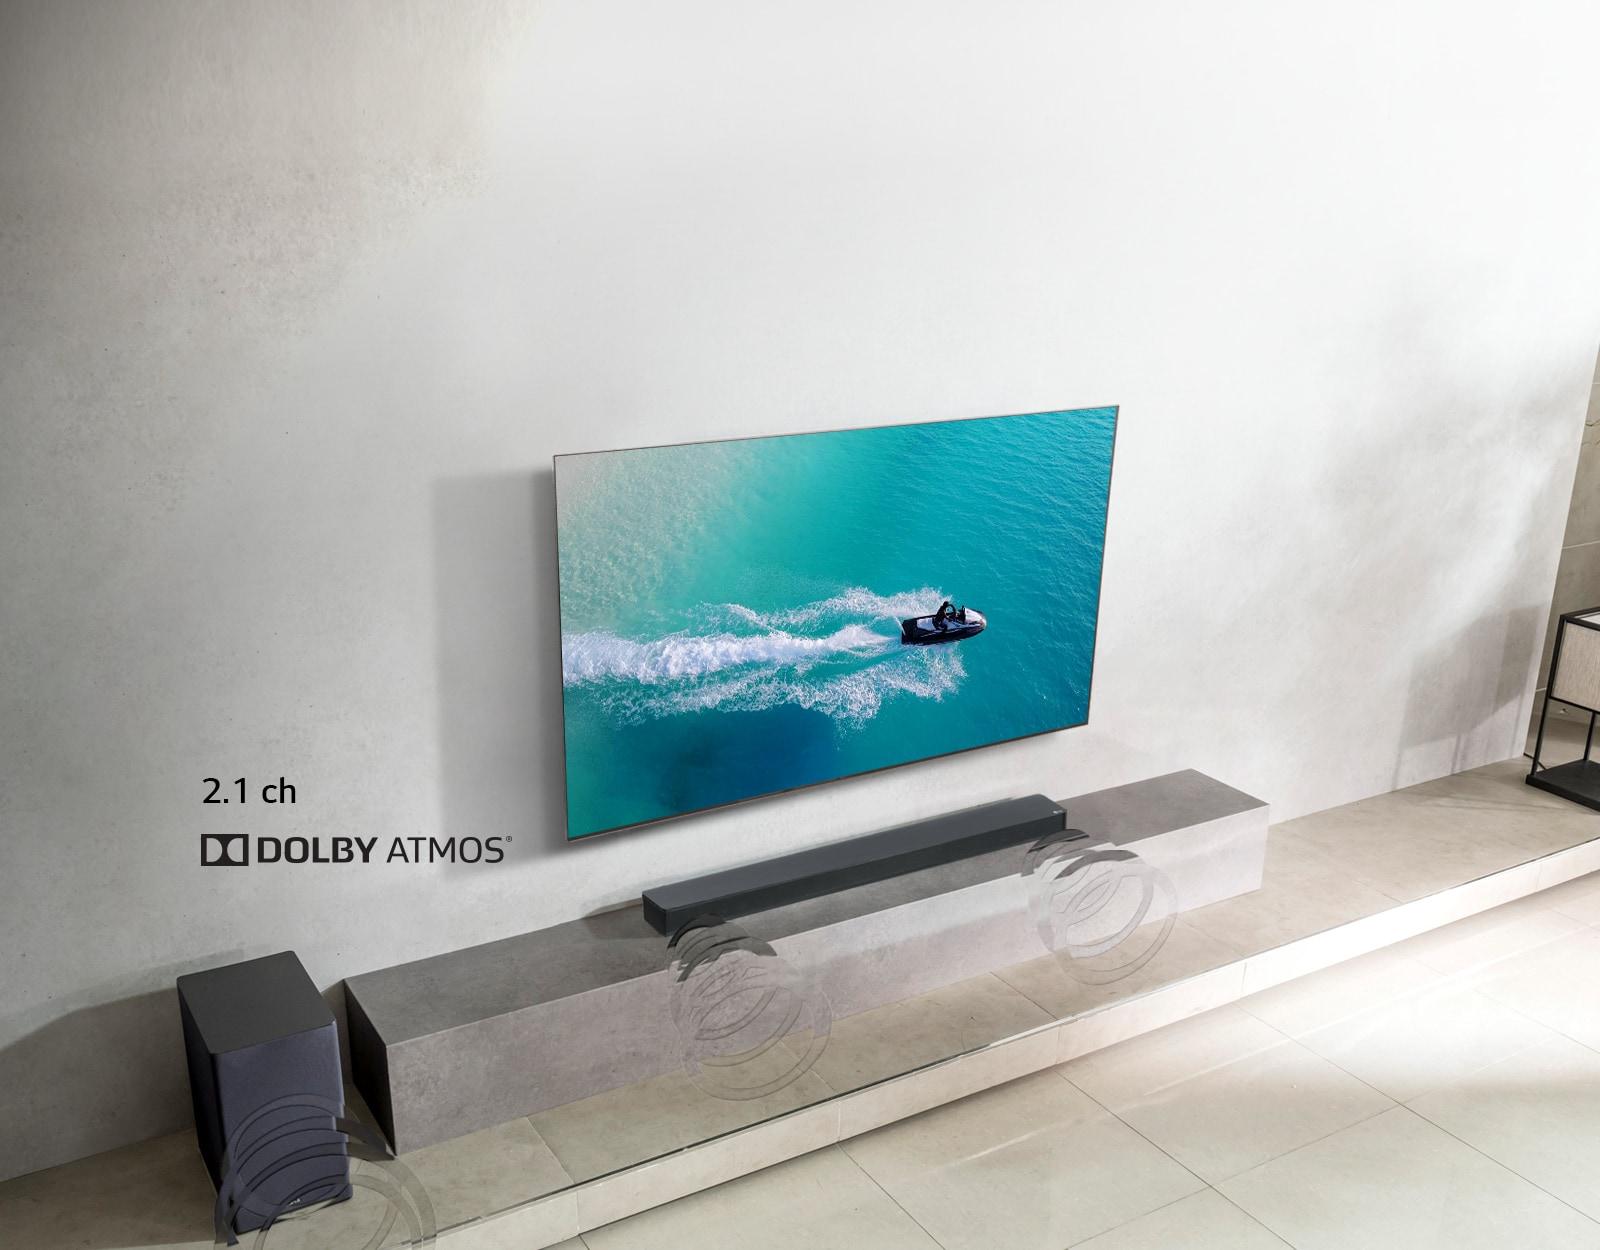 LG SK8Y Dolby Atmos Sound Bar | LG Electronics SG